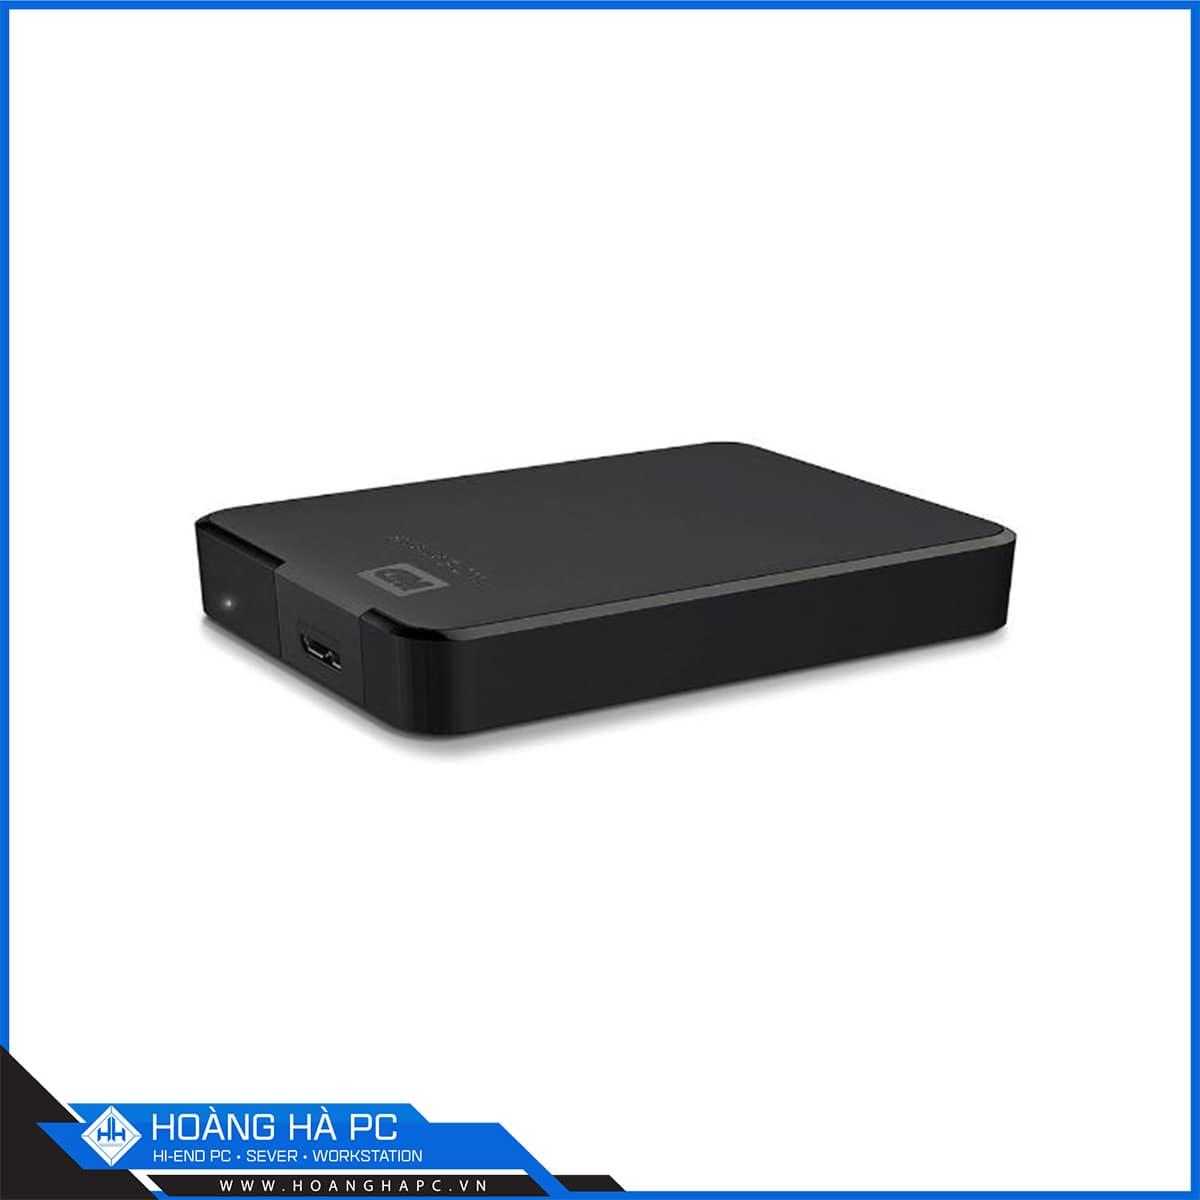 Ổ cứng Western Digital Elements Portable 4TB Black APAC